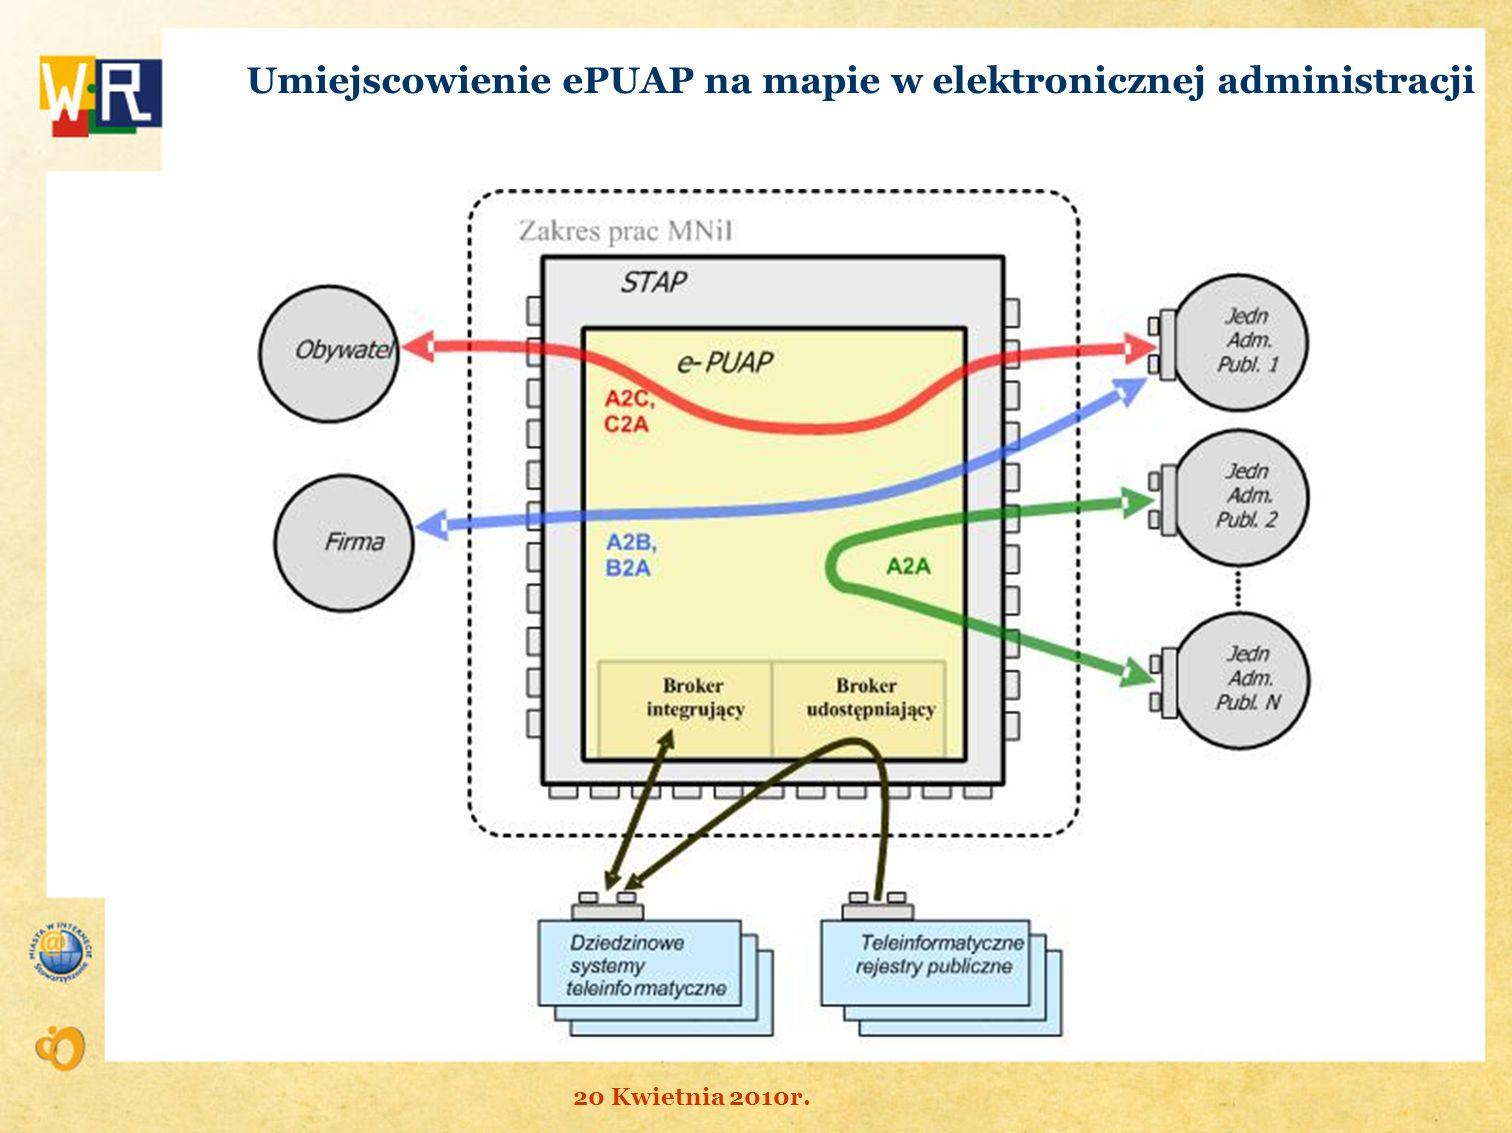 Umiejscowienie ePUAP na mapie w elektronicznej administracji 20 Kwietnia 2010r.